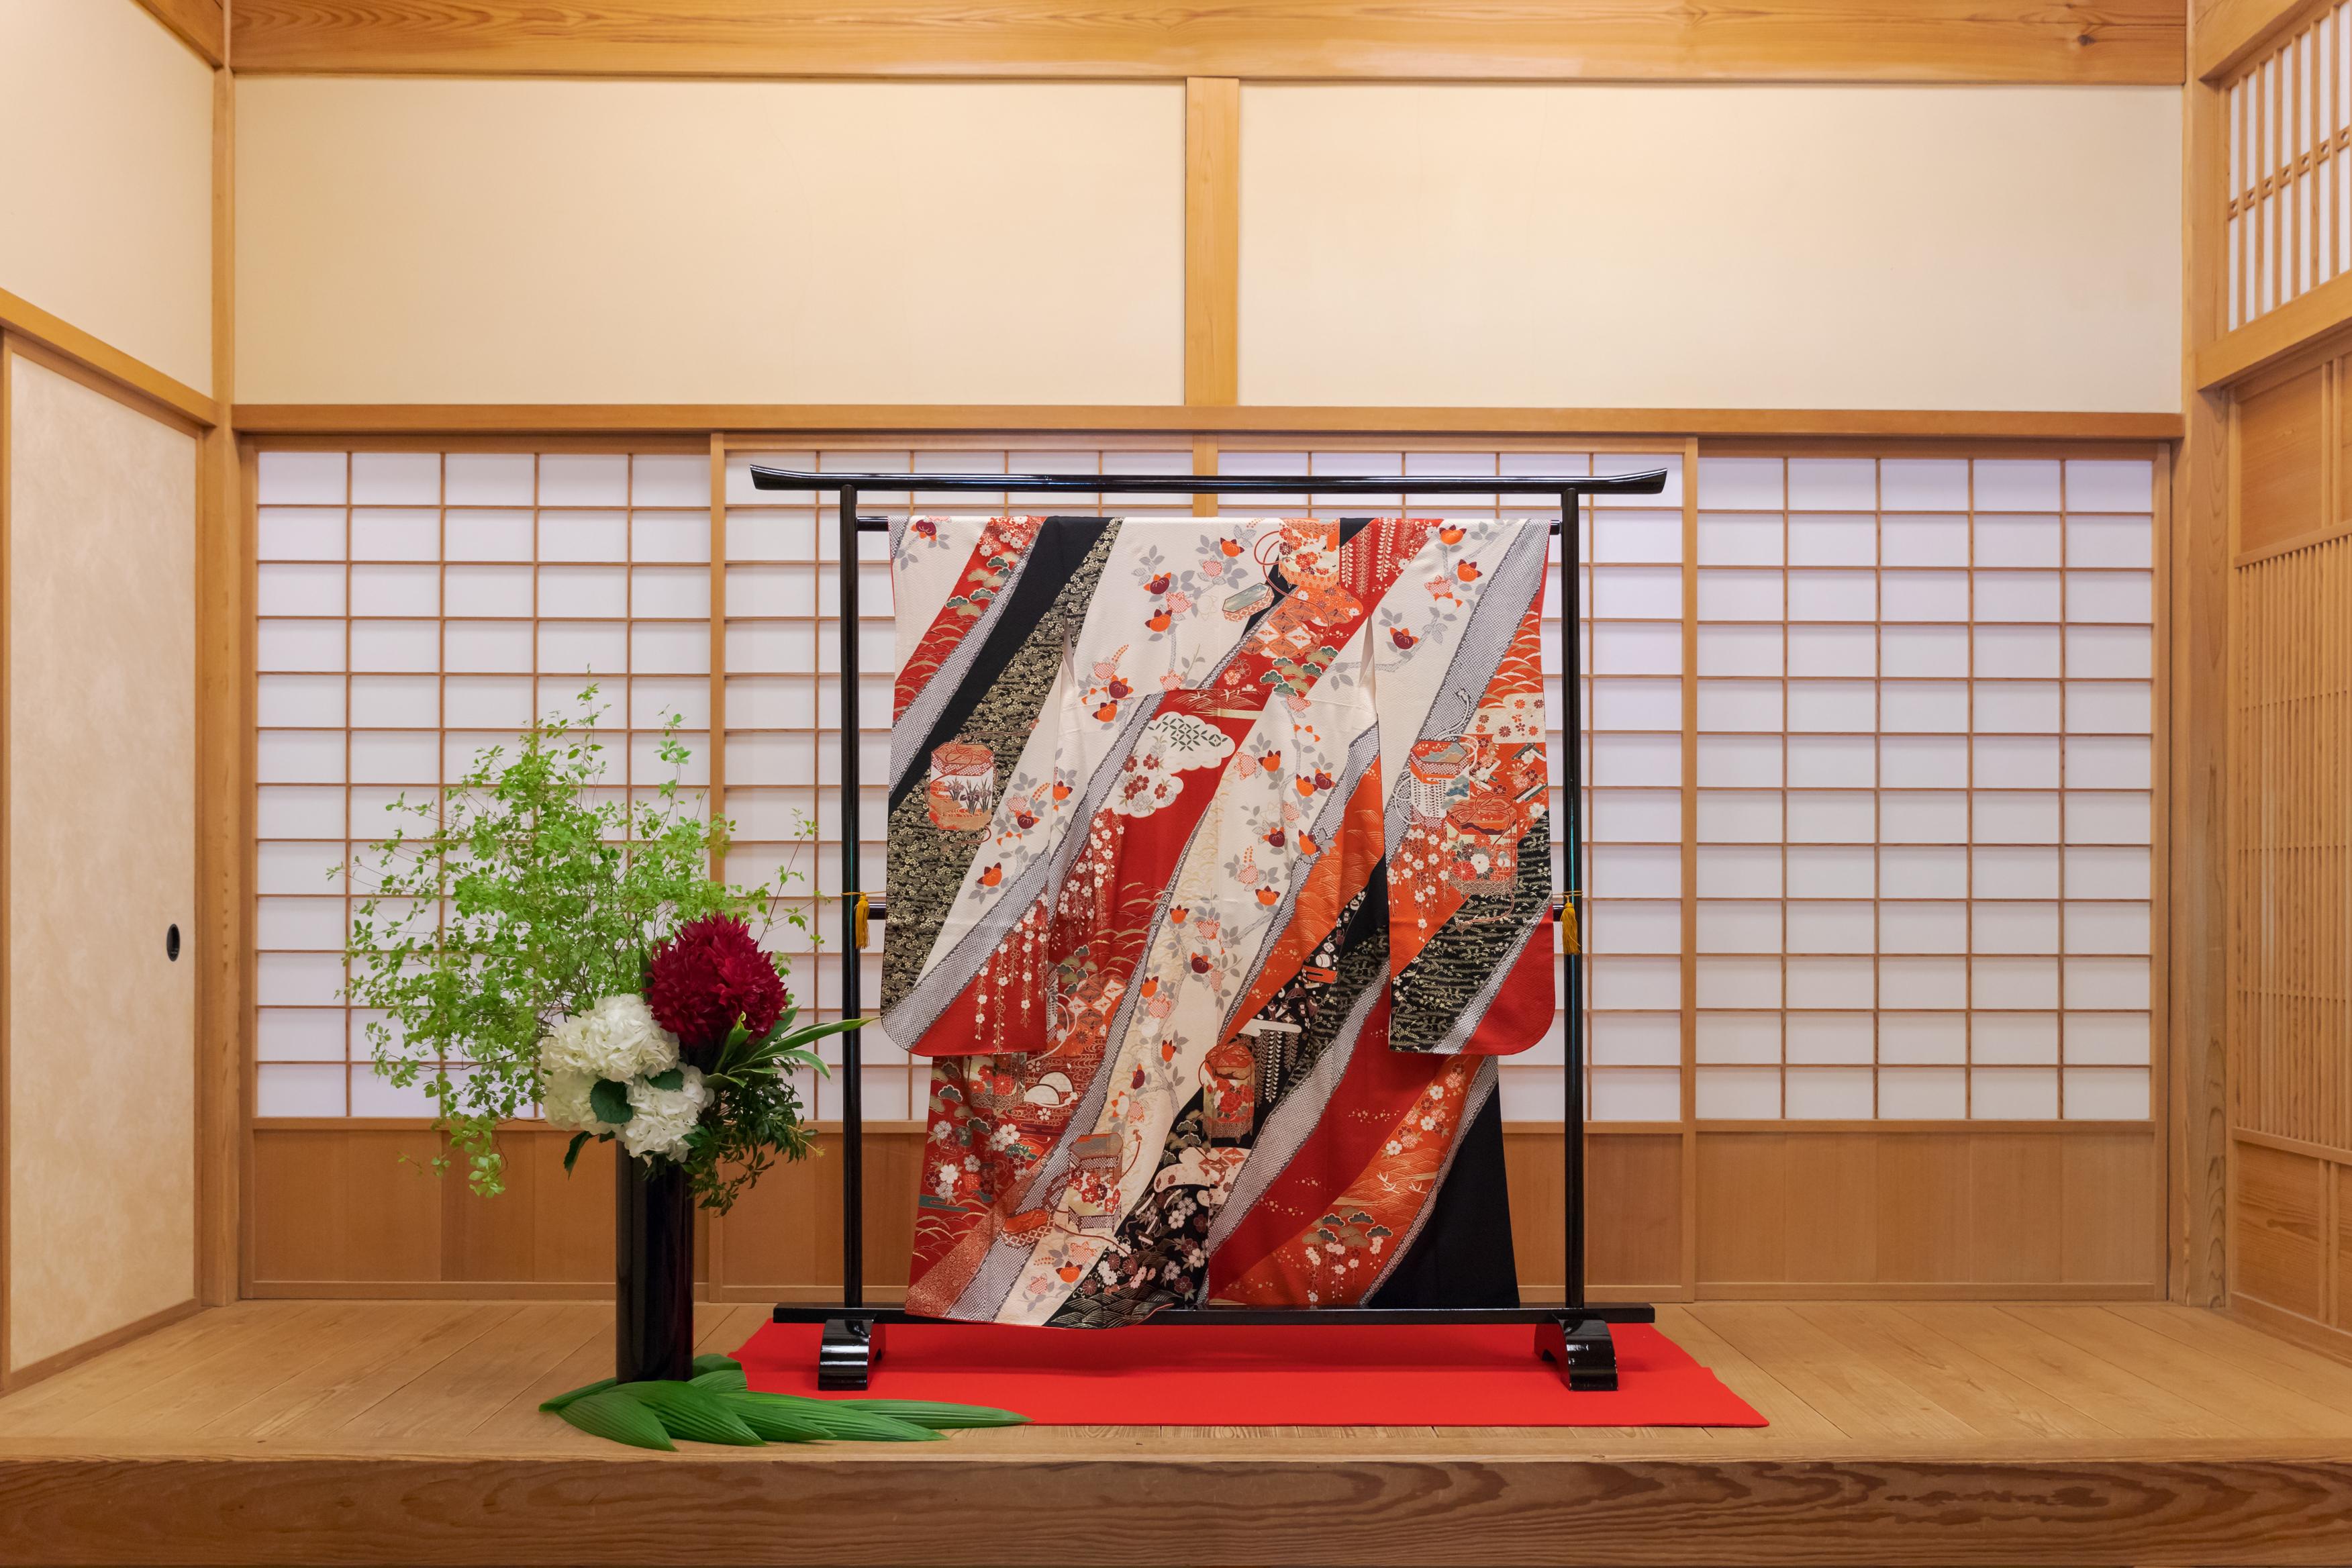 和装の結婚式でお手本にしたい装飾アイディア